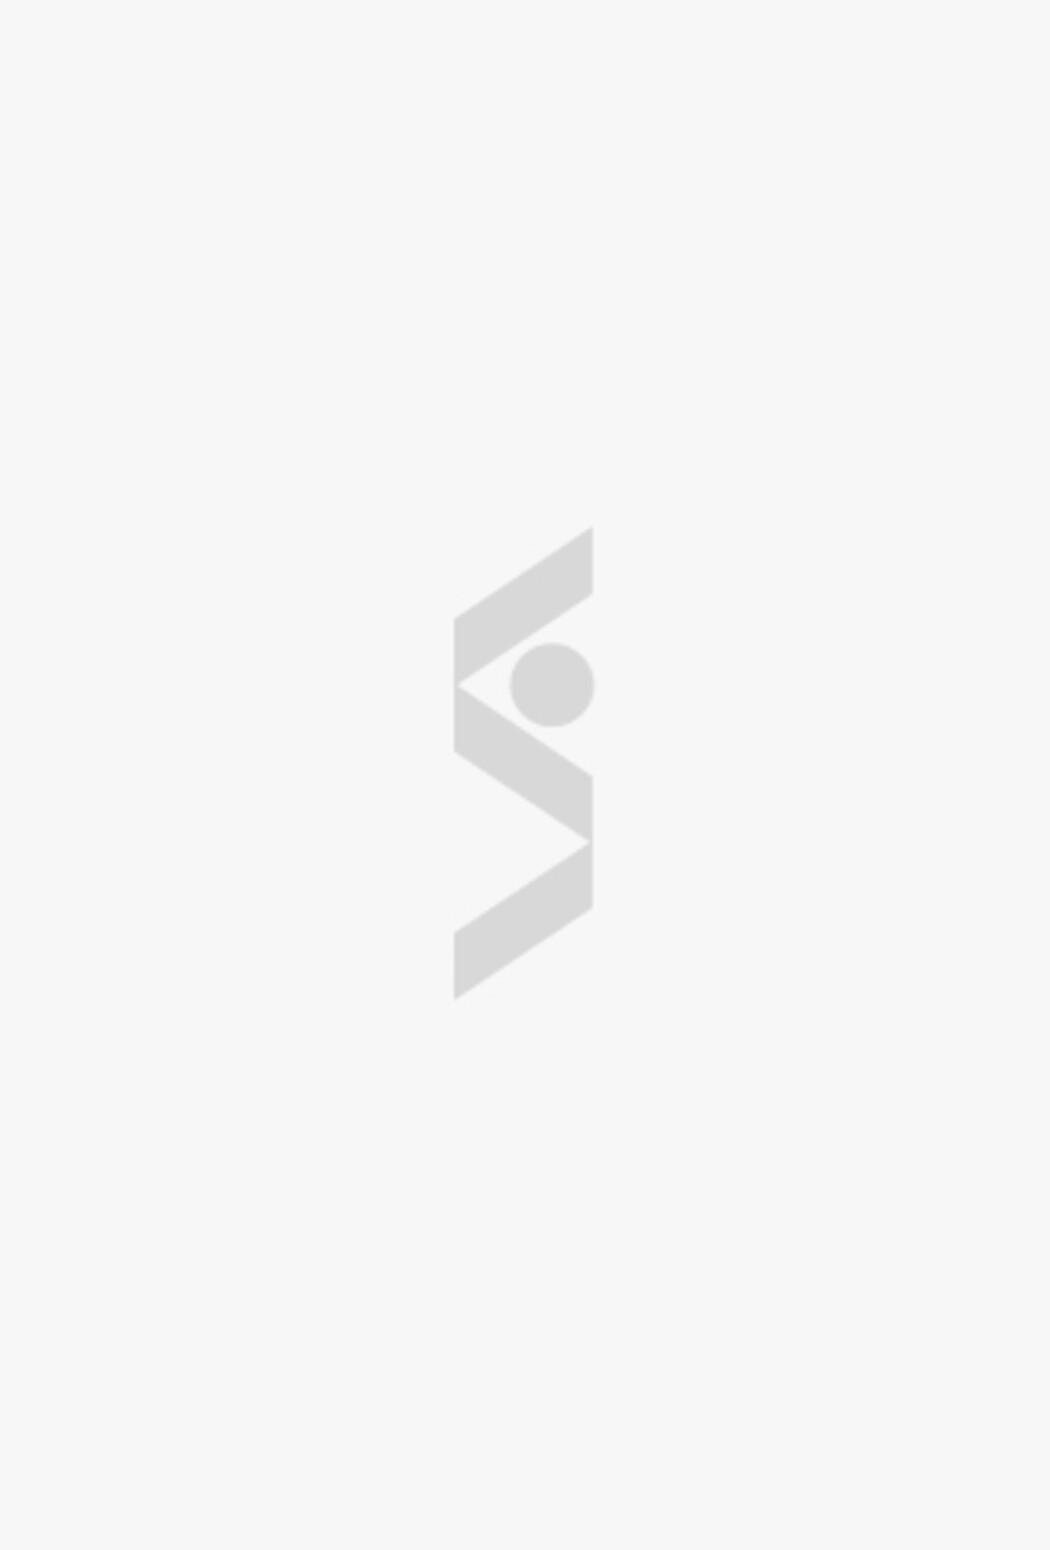 Платье из вискозы с принтом Choupette - скоро в продаже в интернет-магазине СТОКМАНН в Москве